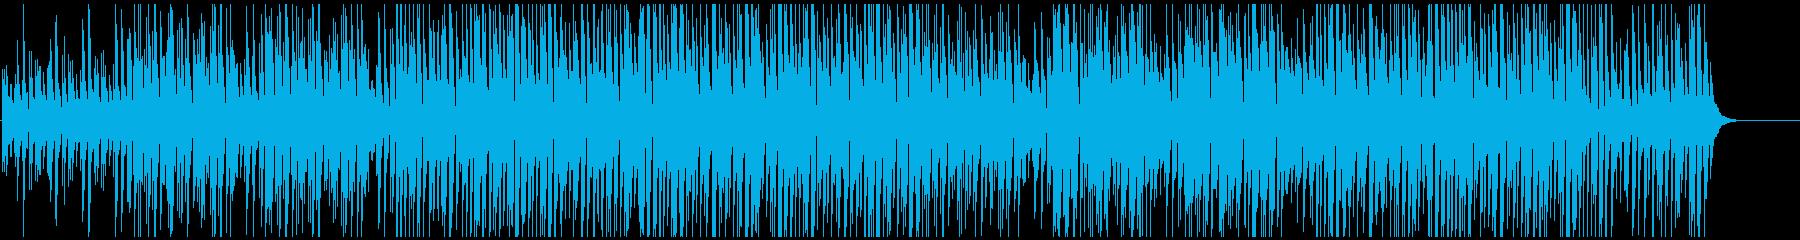 CMや映像に 旅行系ウキウキ気分像の再生済みの波形